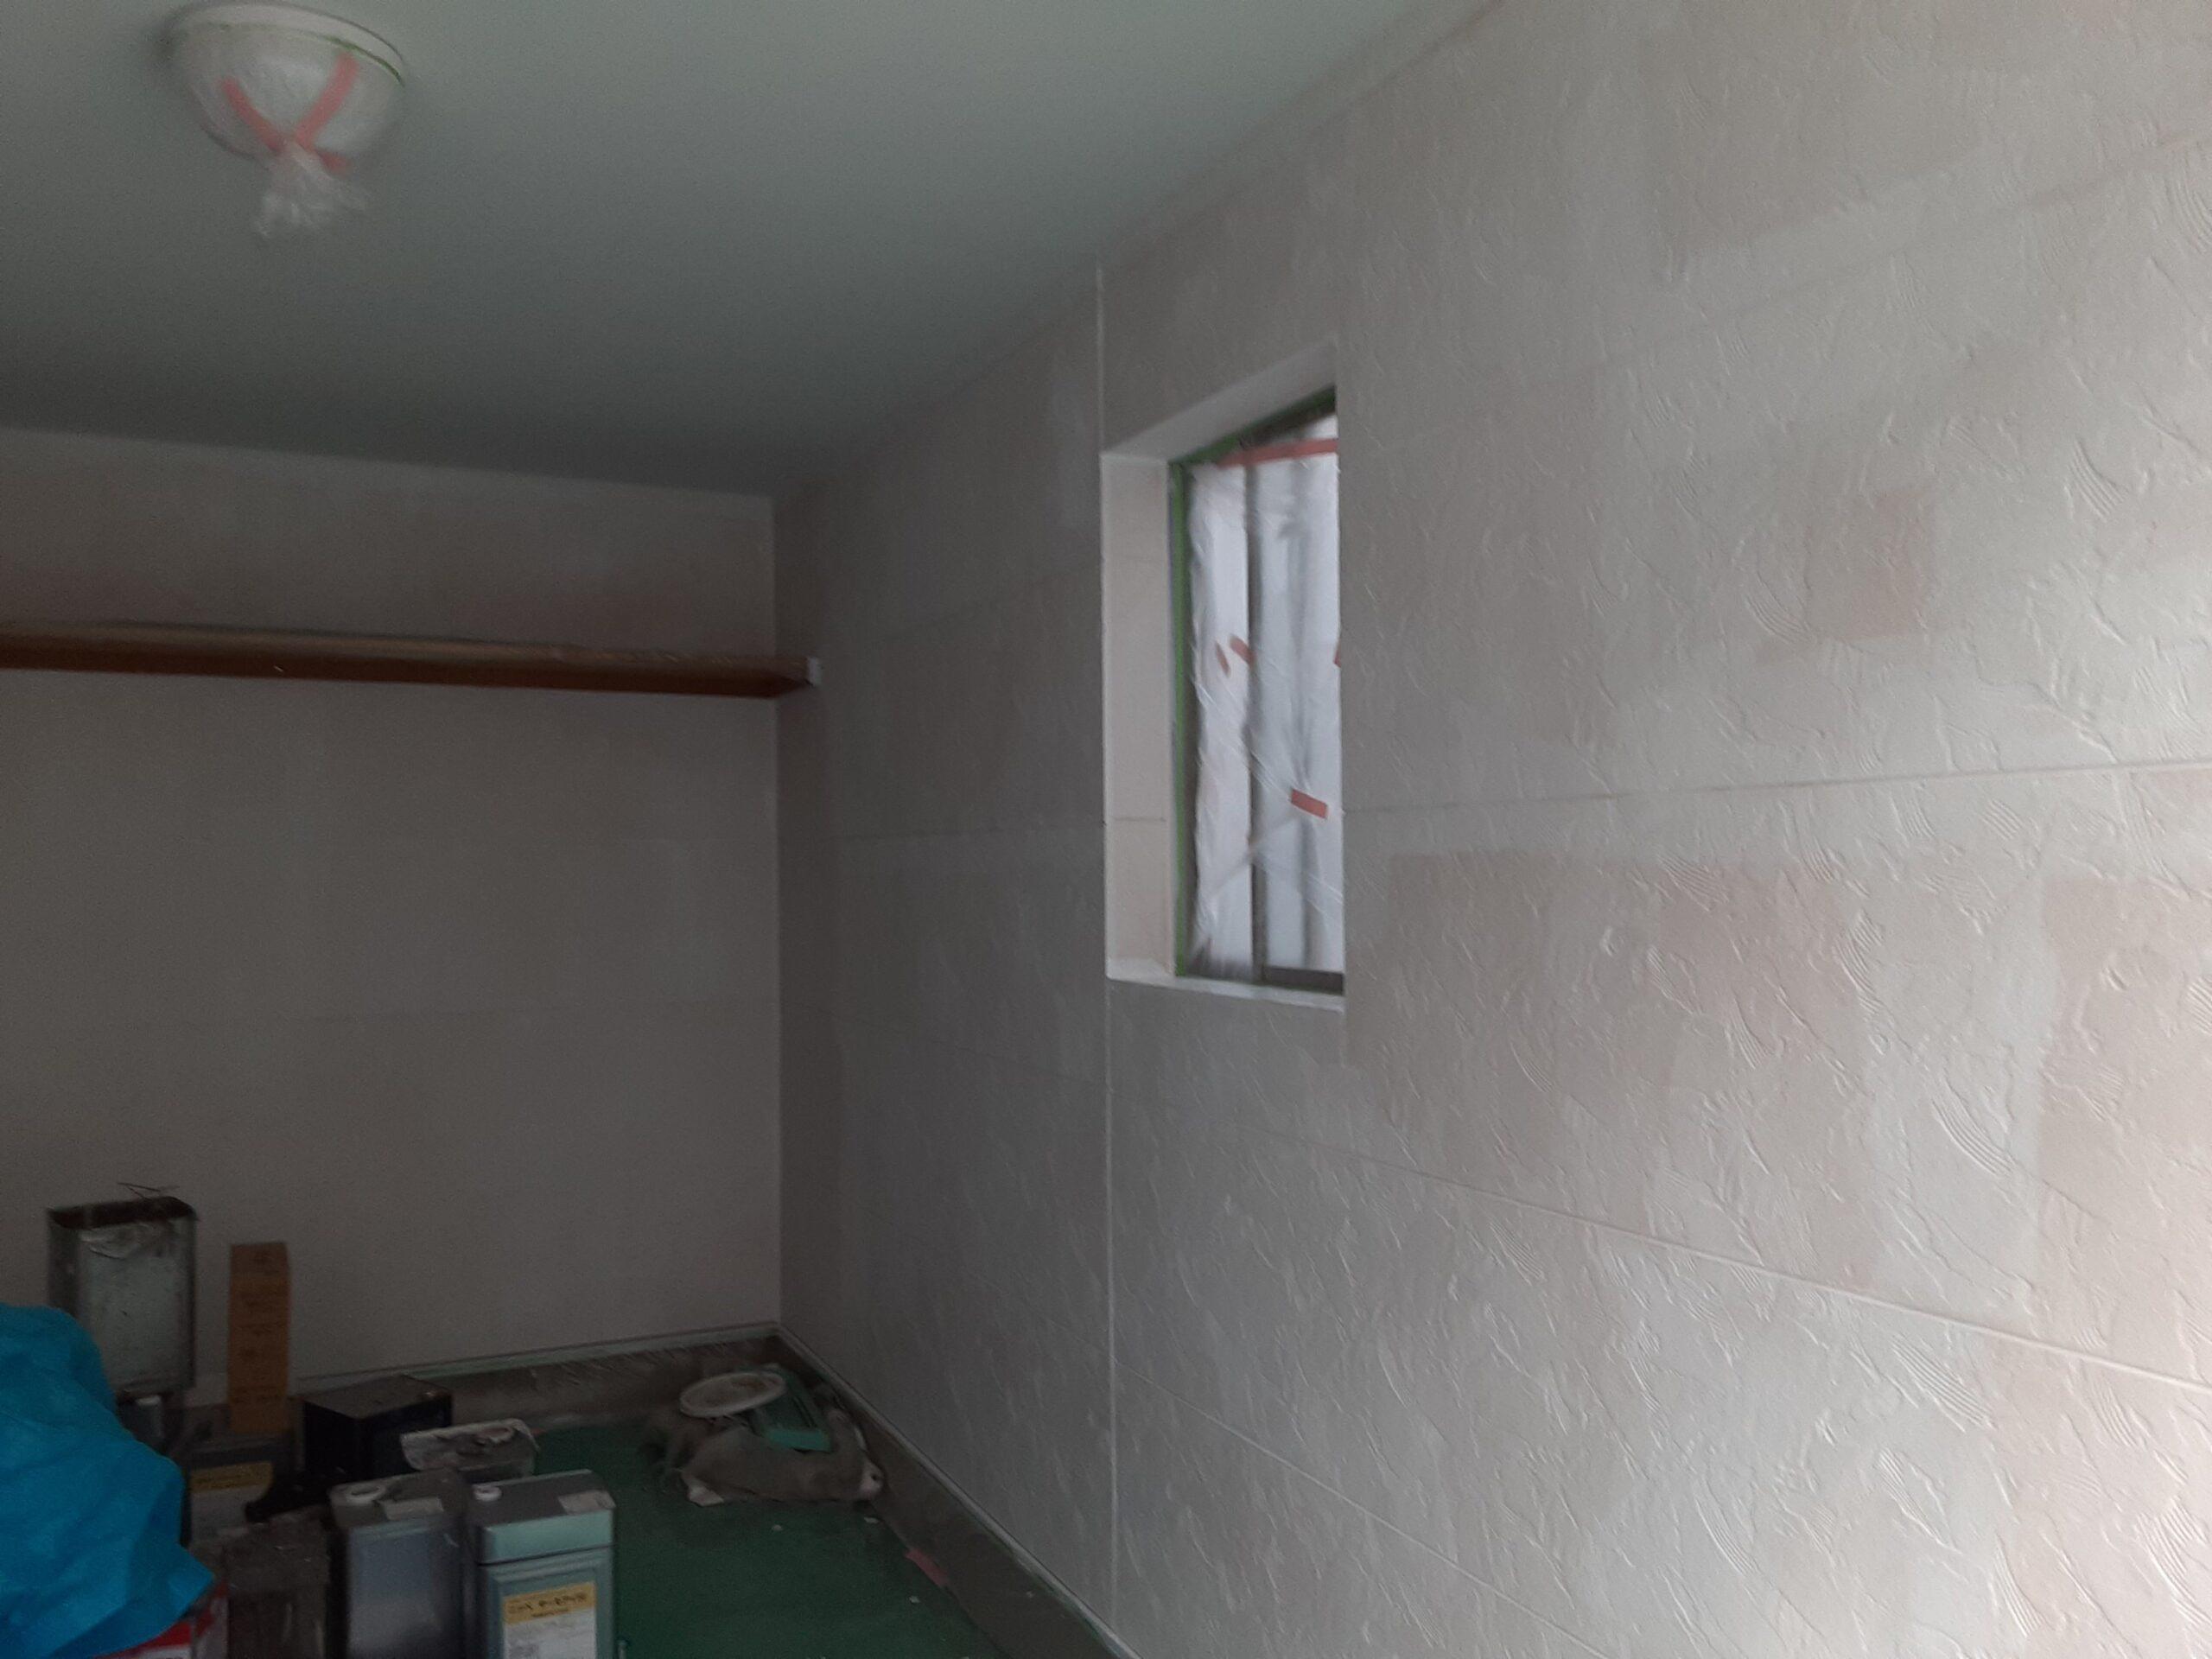 埼玉県さいたま市桜区のA様邸(木造3階建て)にて外壁・屋根の塗装工事